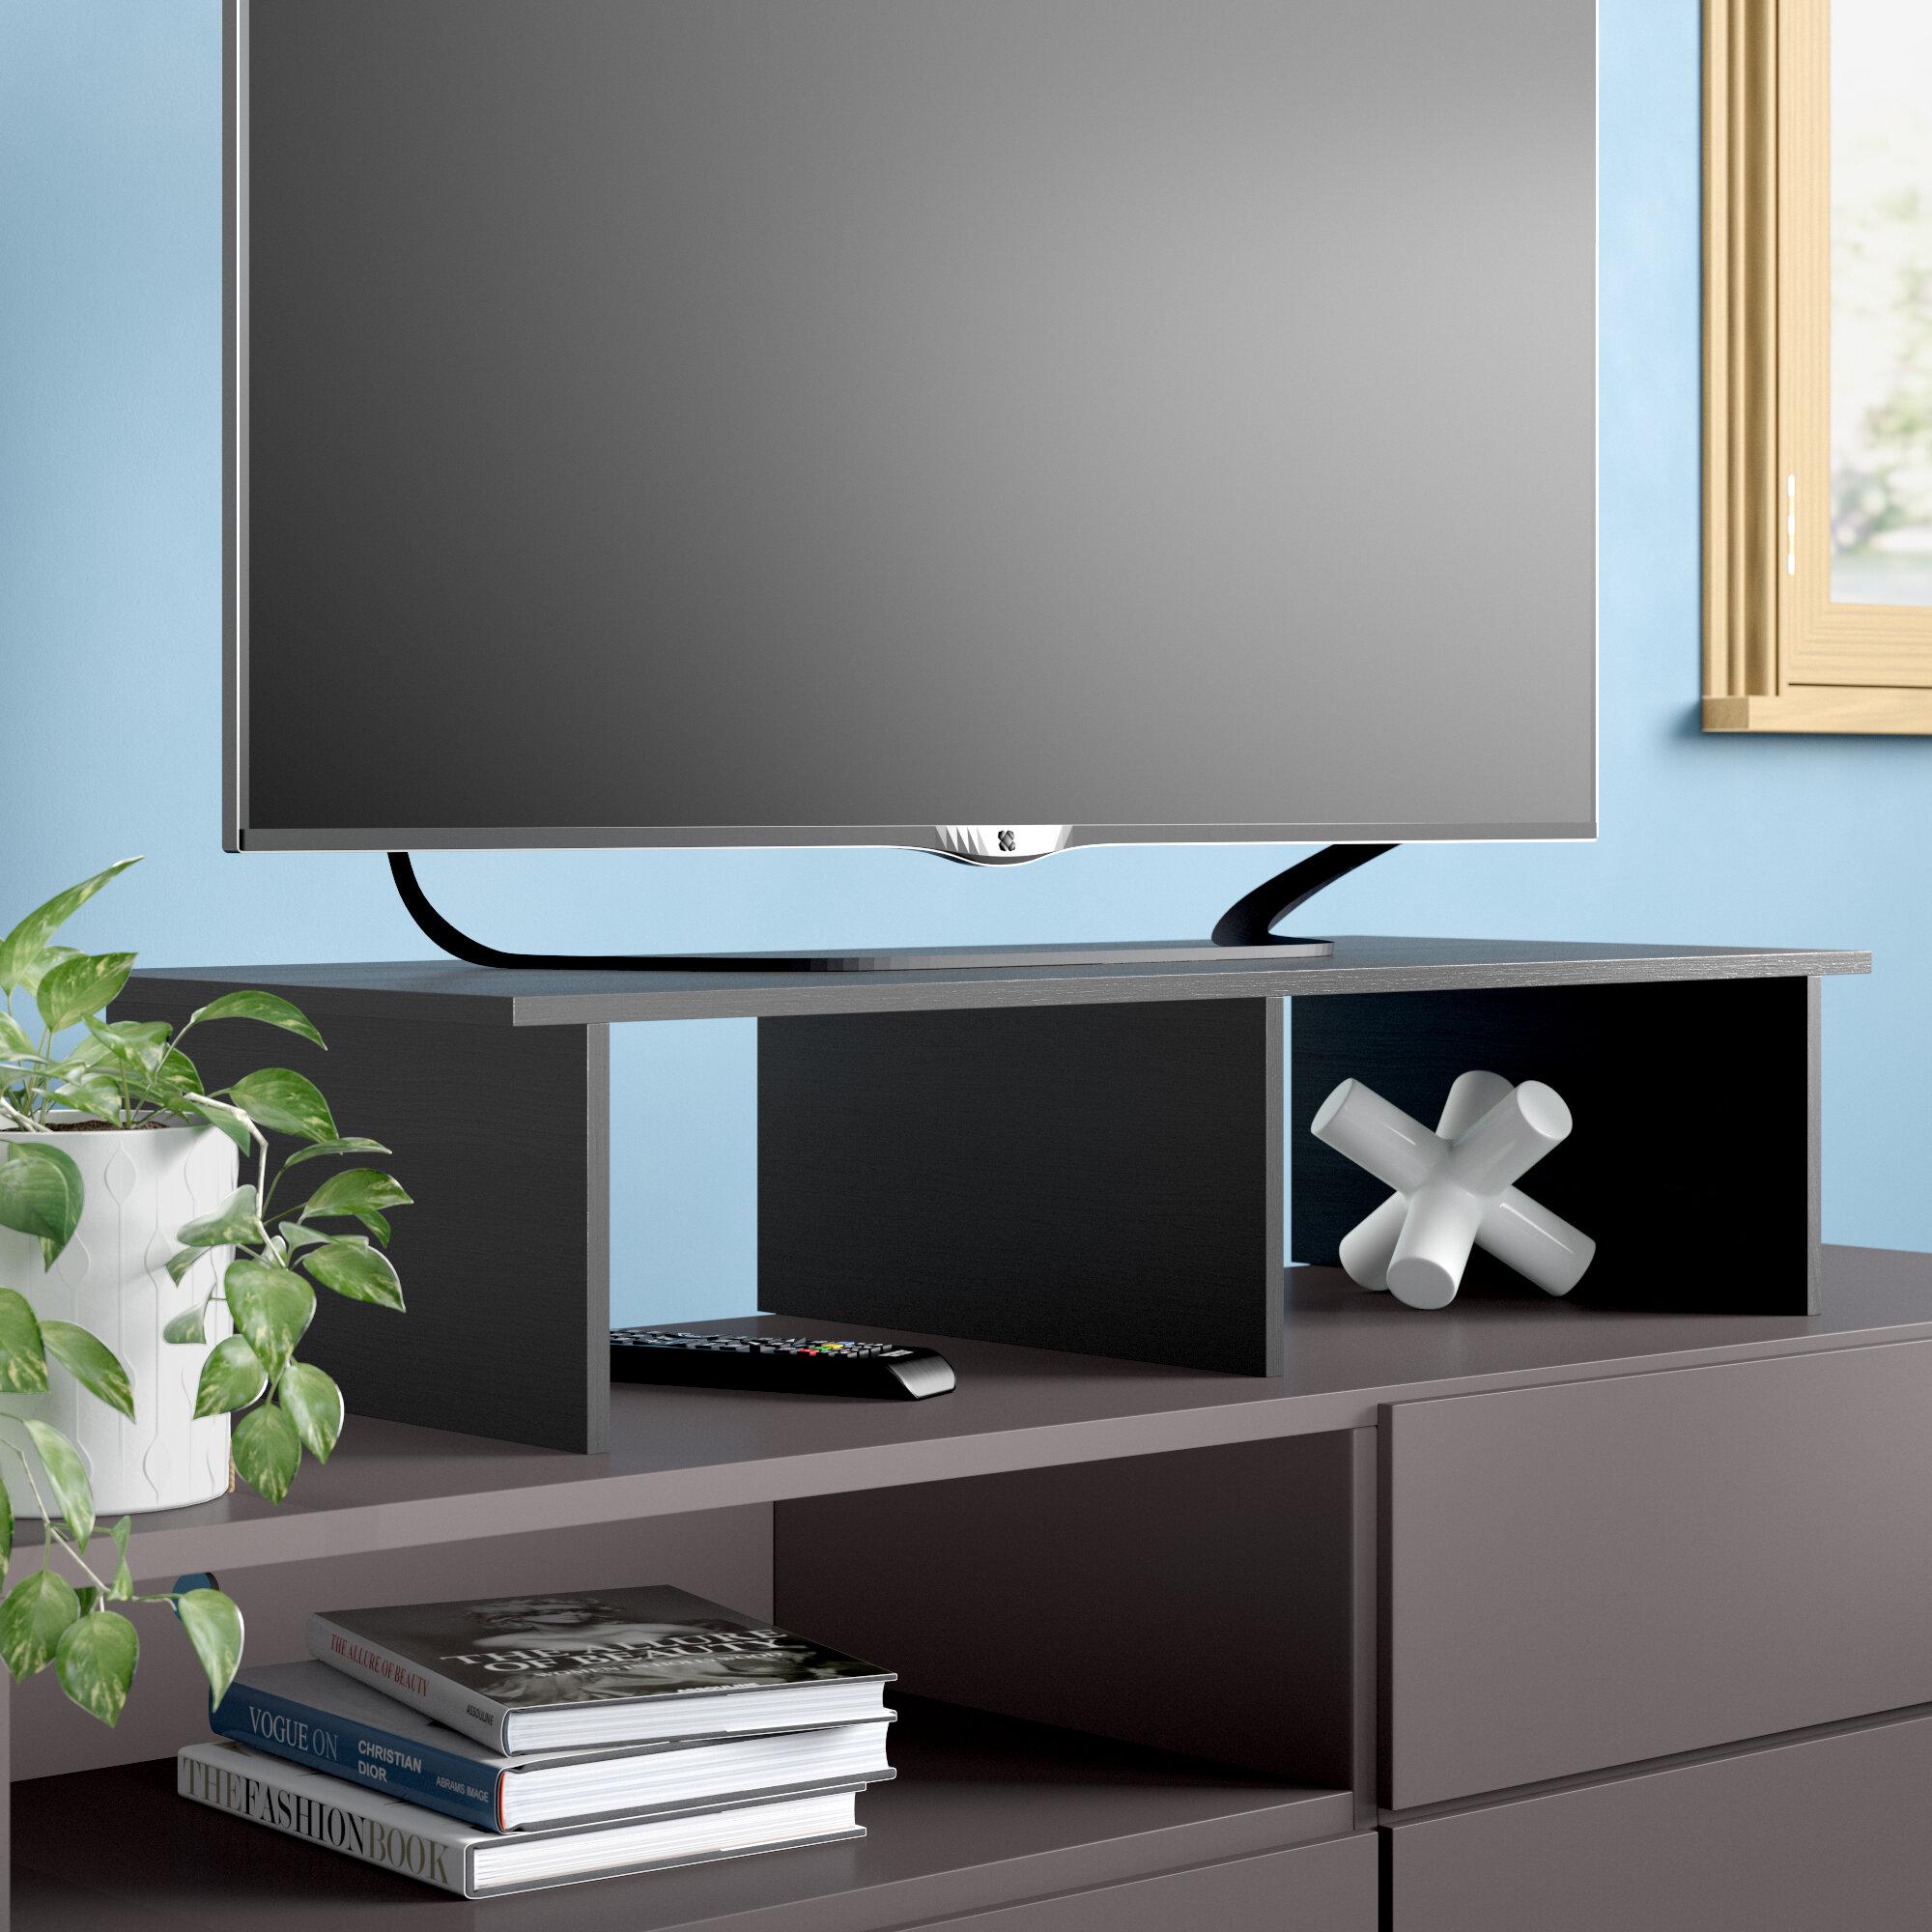 Zipcode Design Donavan Tv Stand For Tvs Up To 42 Reviews Wayfair